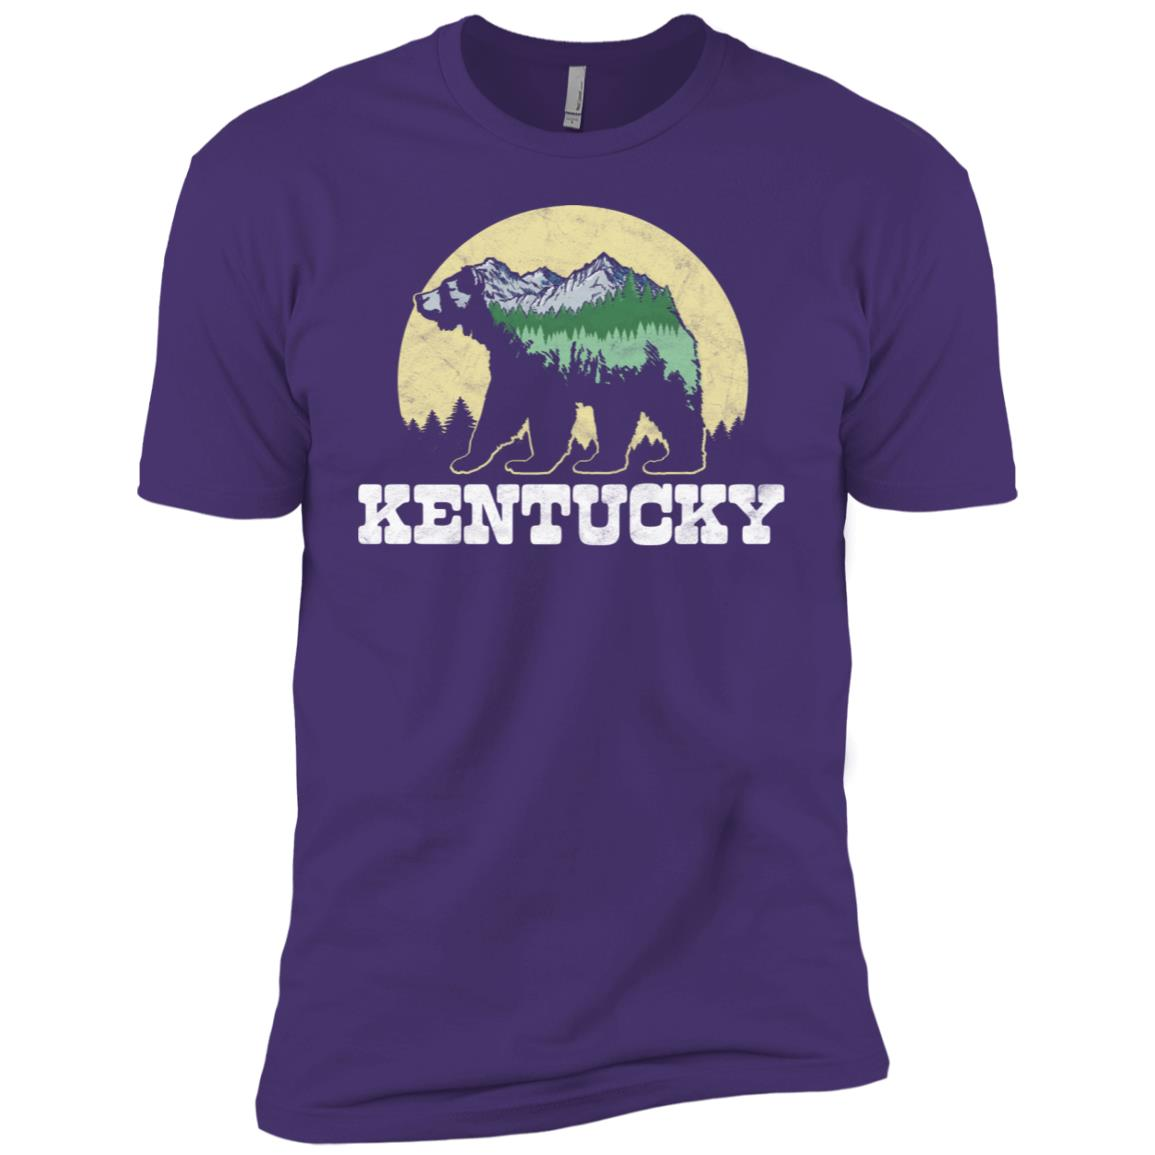 Kentucky Bear Sketch Mountains & Trees Men Short Sleeve T-Shirt